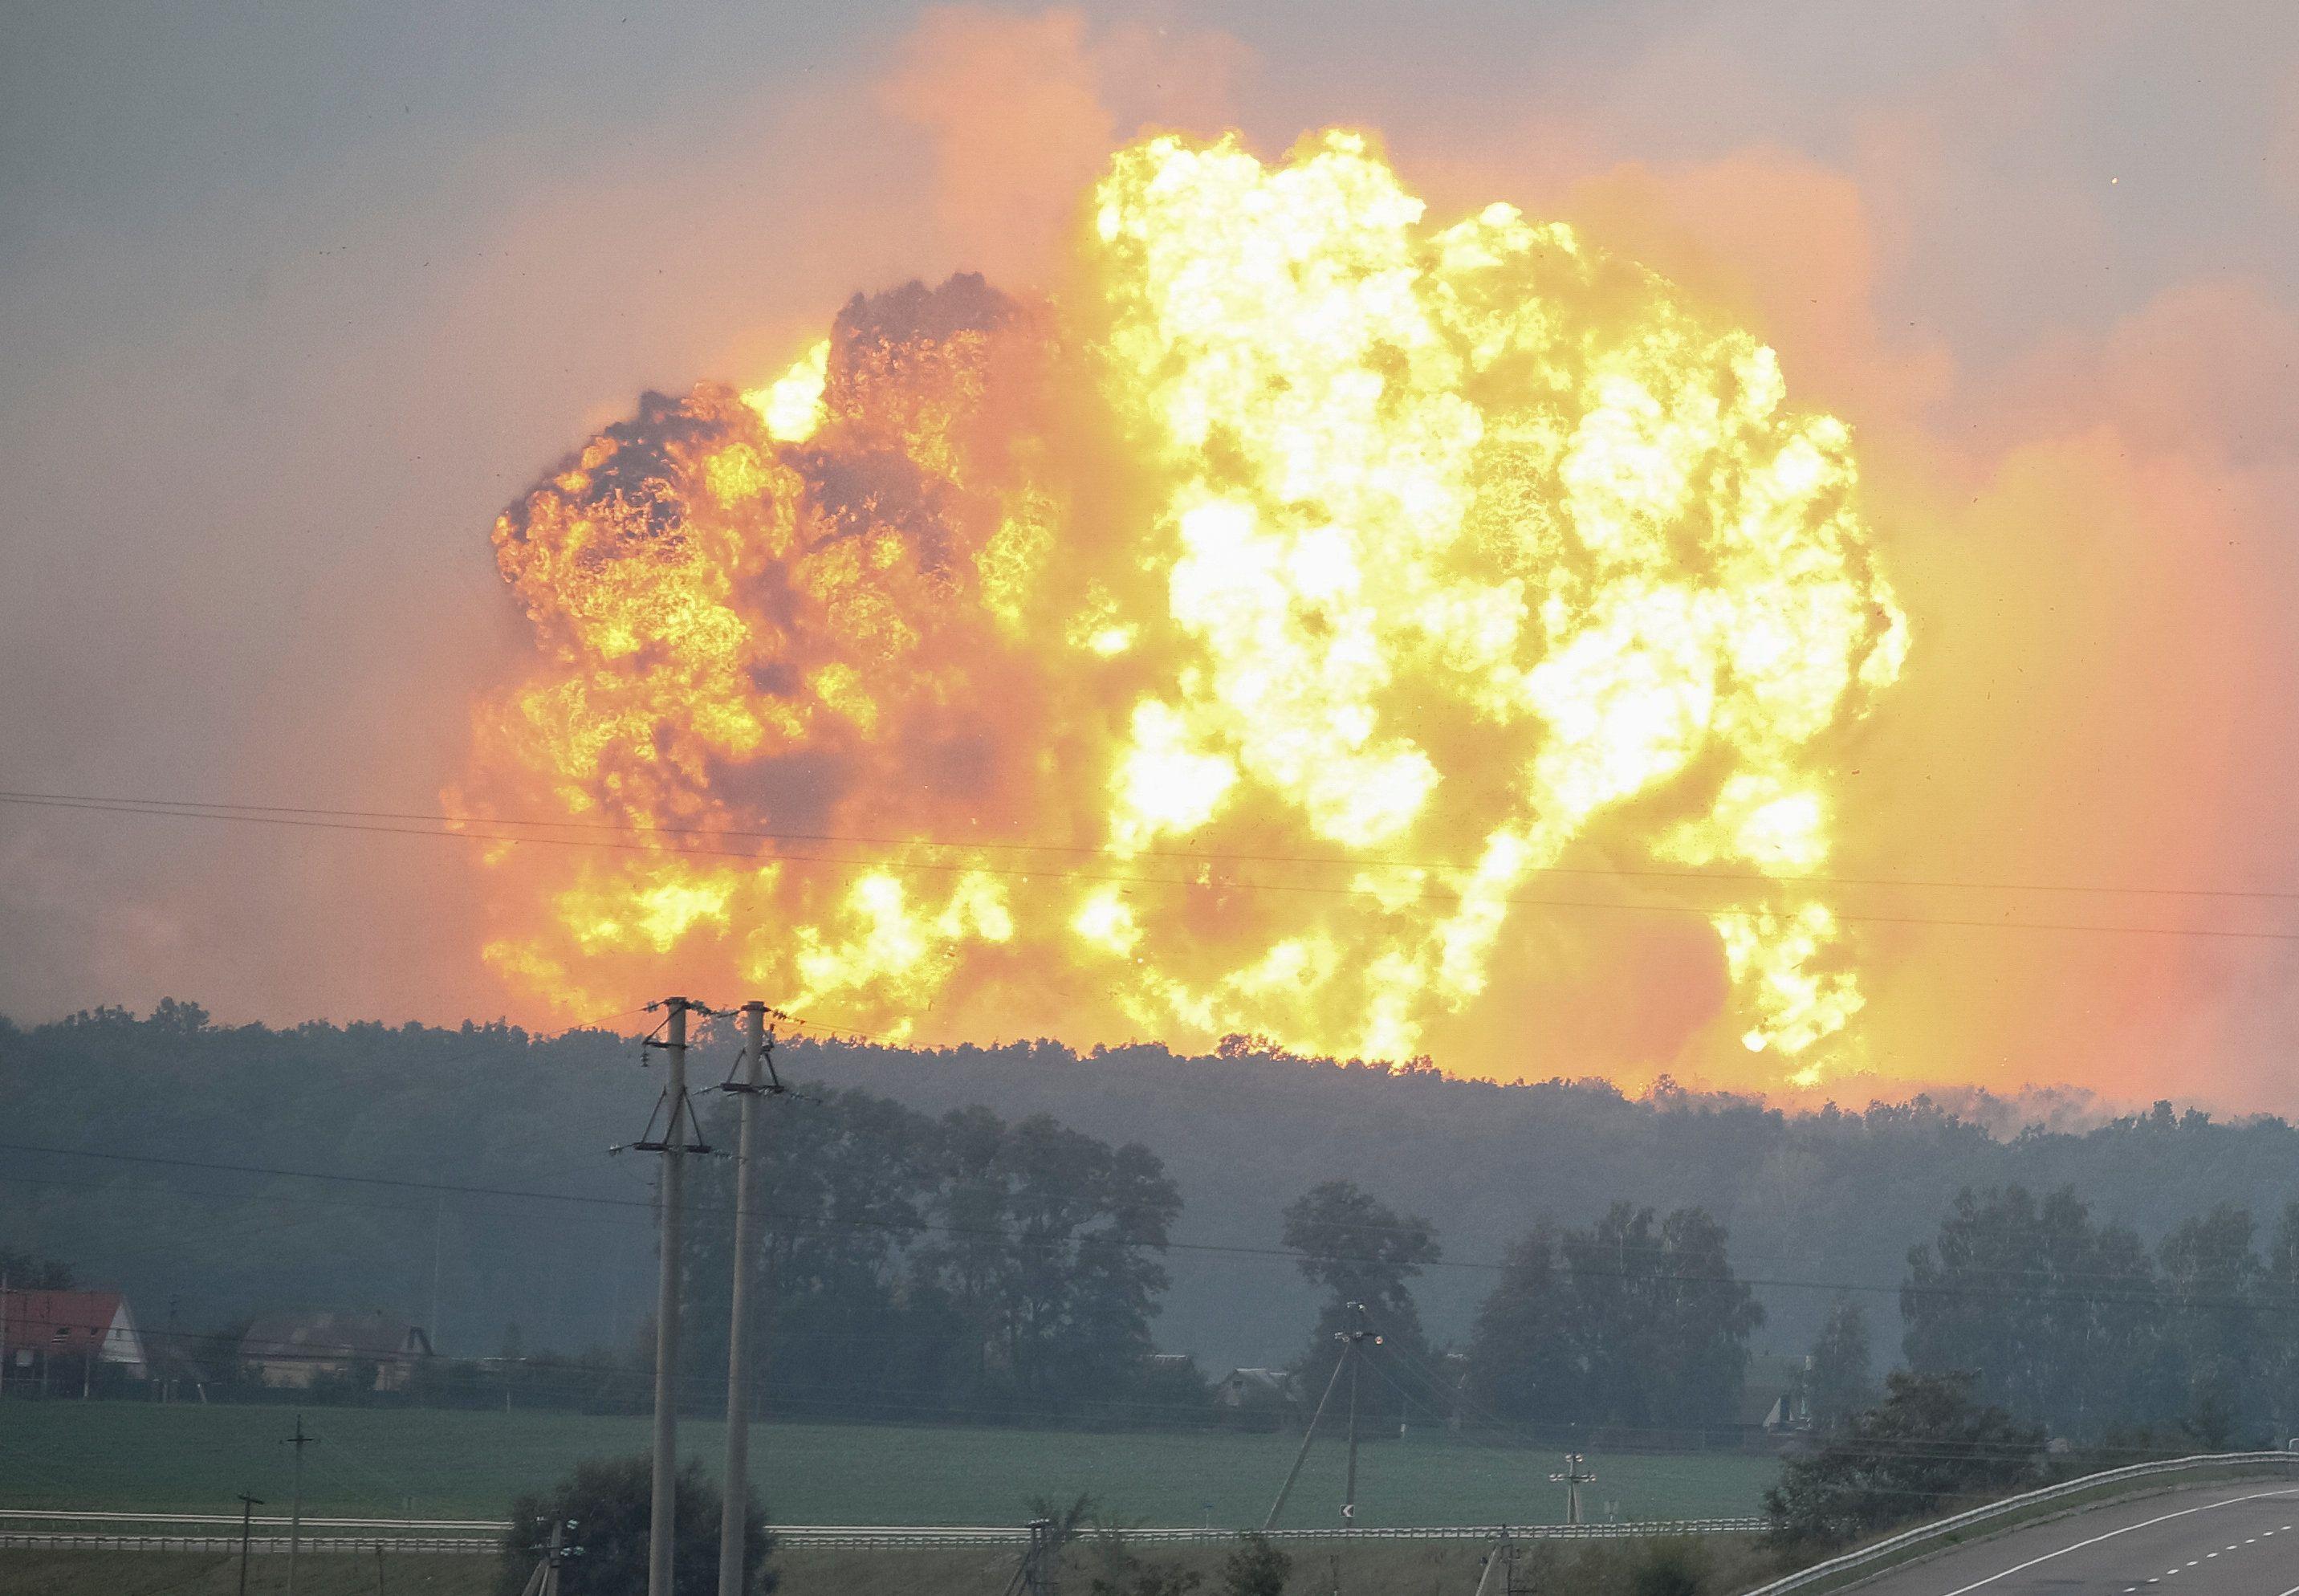 Взрывы на складах под Винницей прокуратура расследует как диверсию. Порошенко созывает военный кабинет